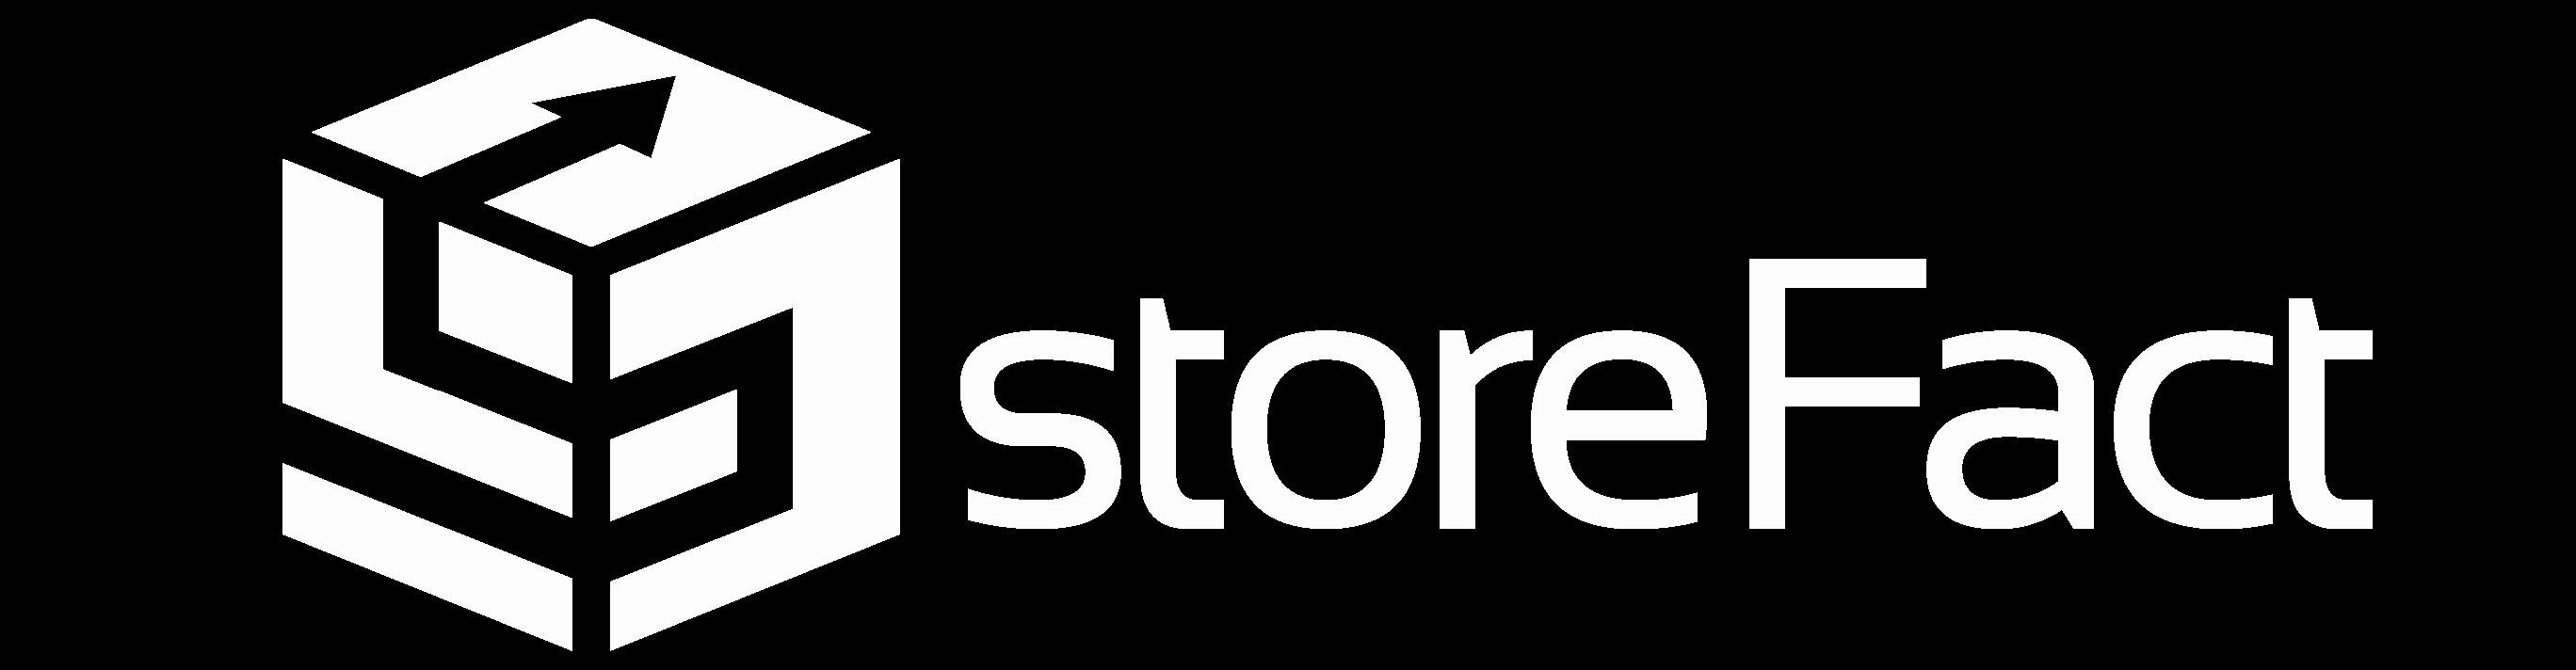 StoreFact logo